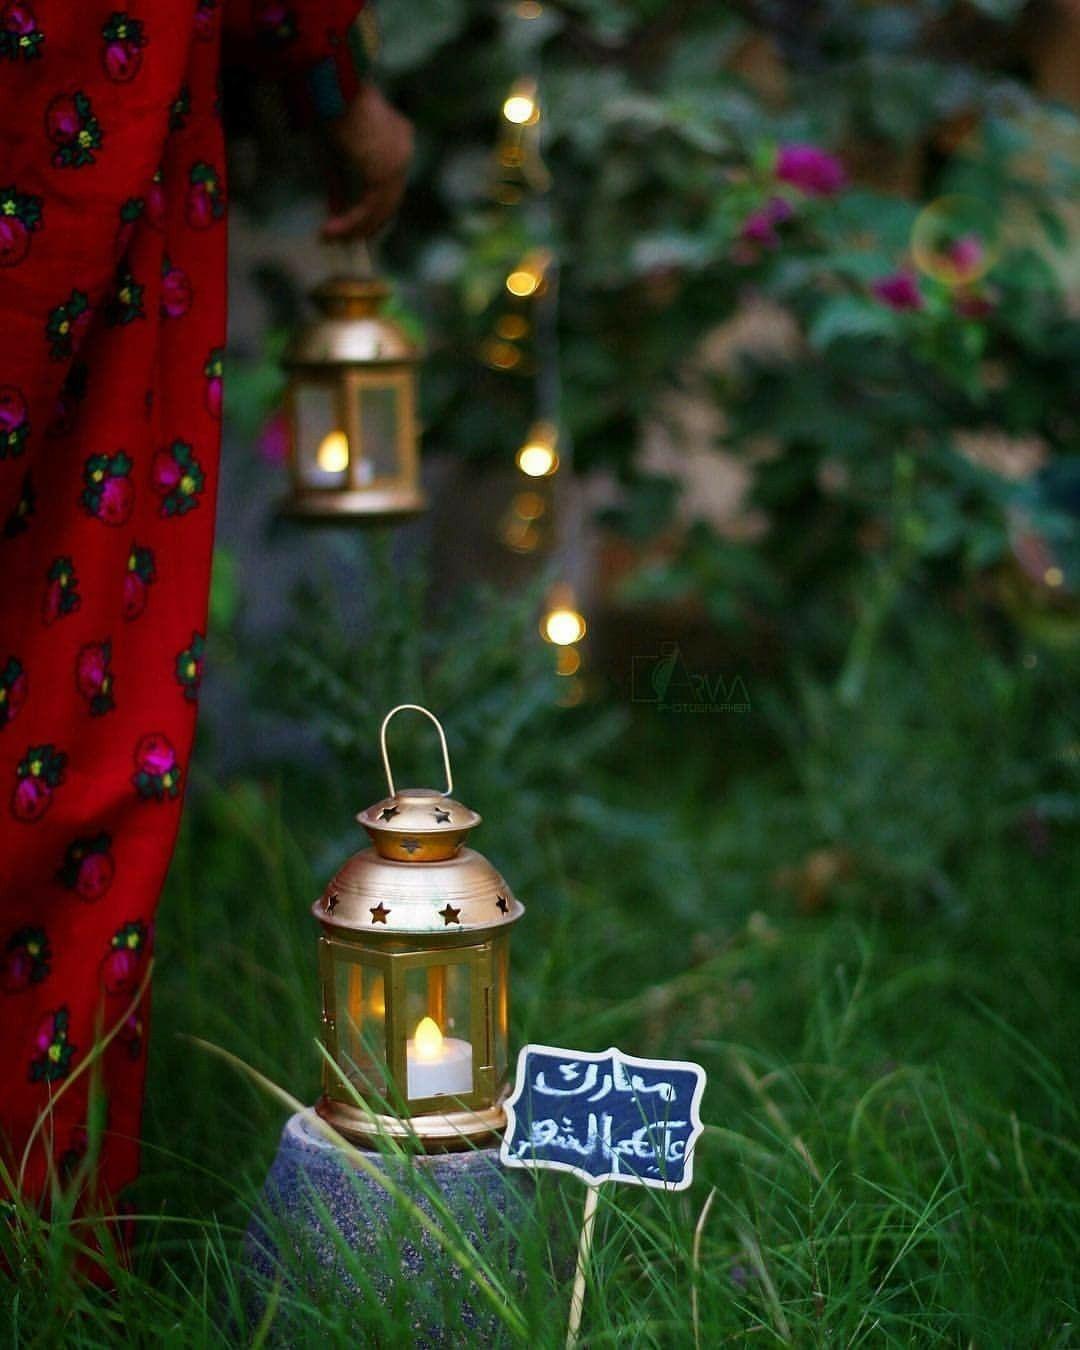 Pin By Nood Y On Ramadan رمضان Ramadan Decorations Ramadan Dp Ramadan